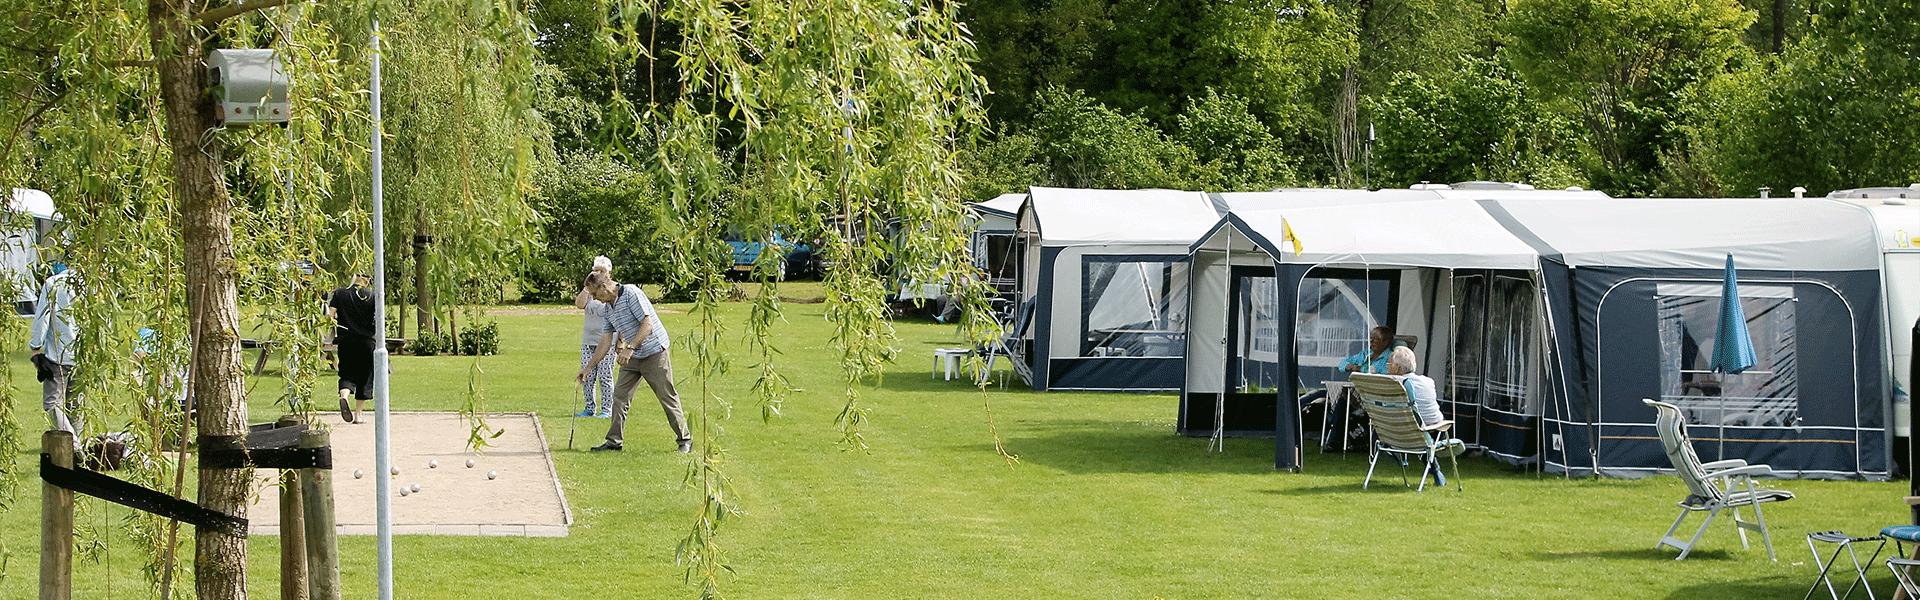 Kleine camping in Brabant, zeer leuk en bijzonder gezellig